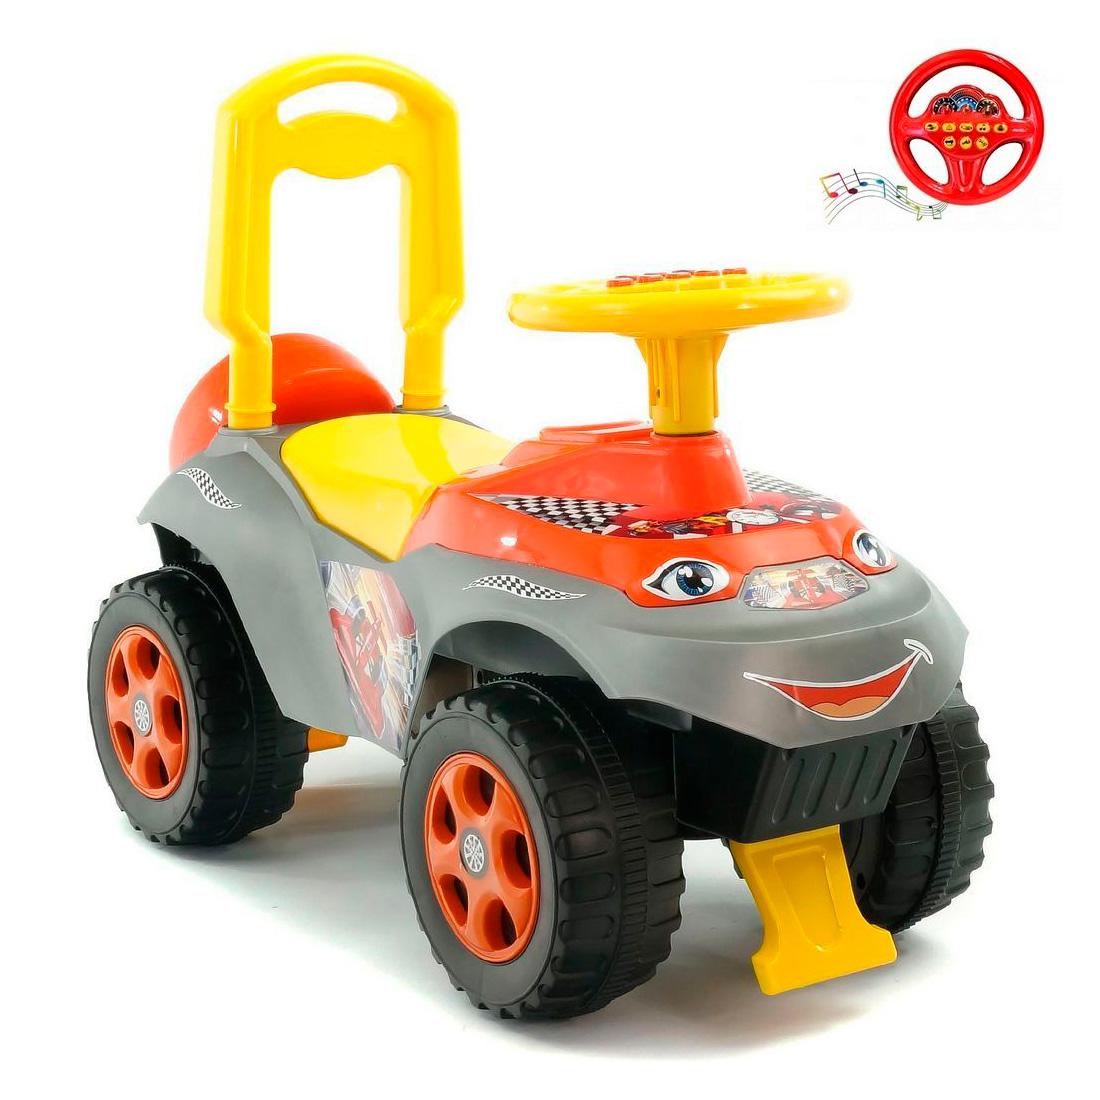 Каталка-толокар RT Автошка Formula с музыкальным рулем Желто-Оранжевая<br>